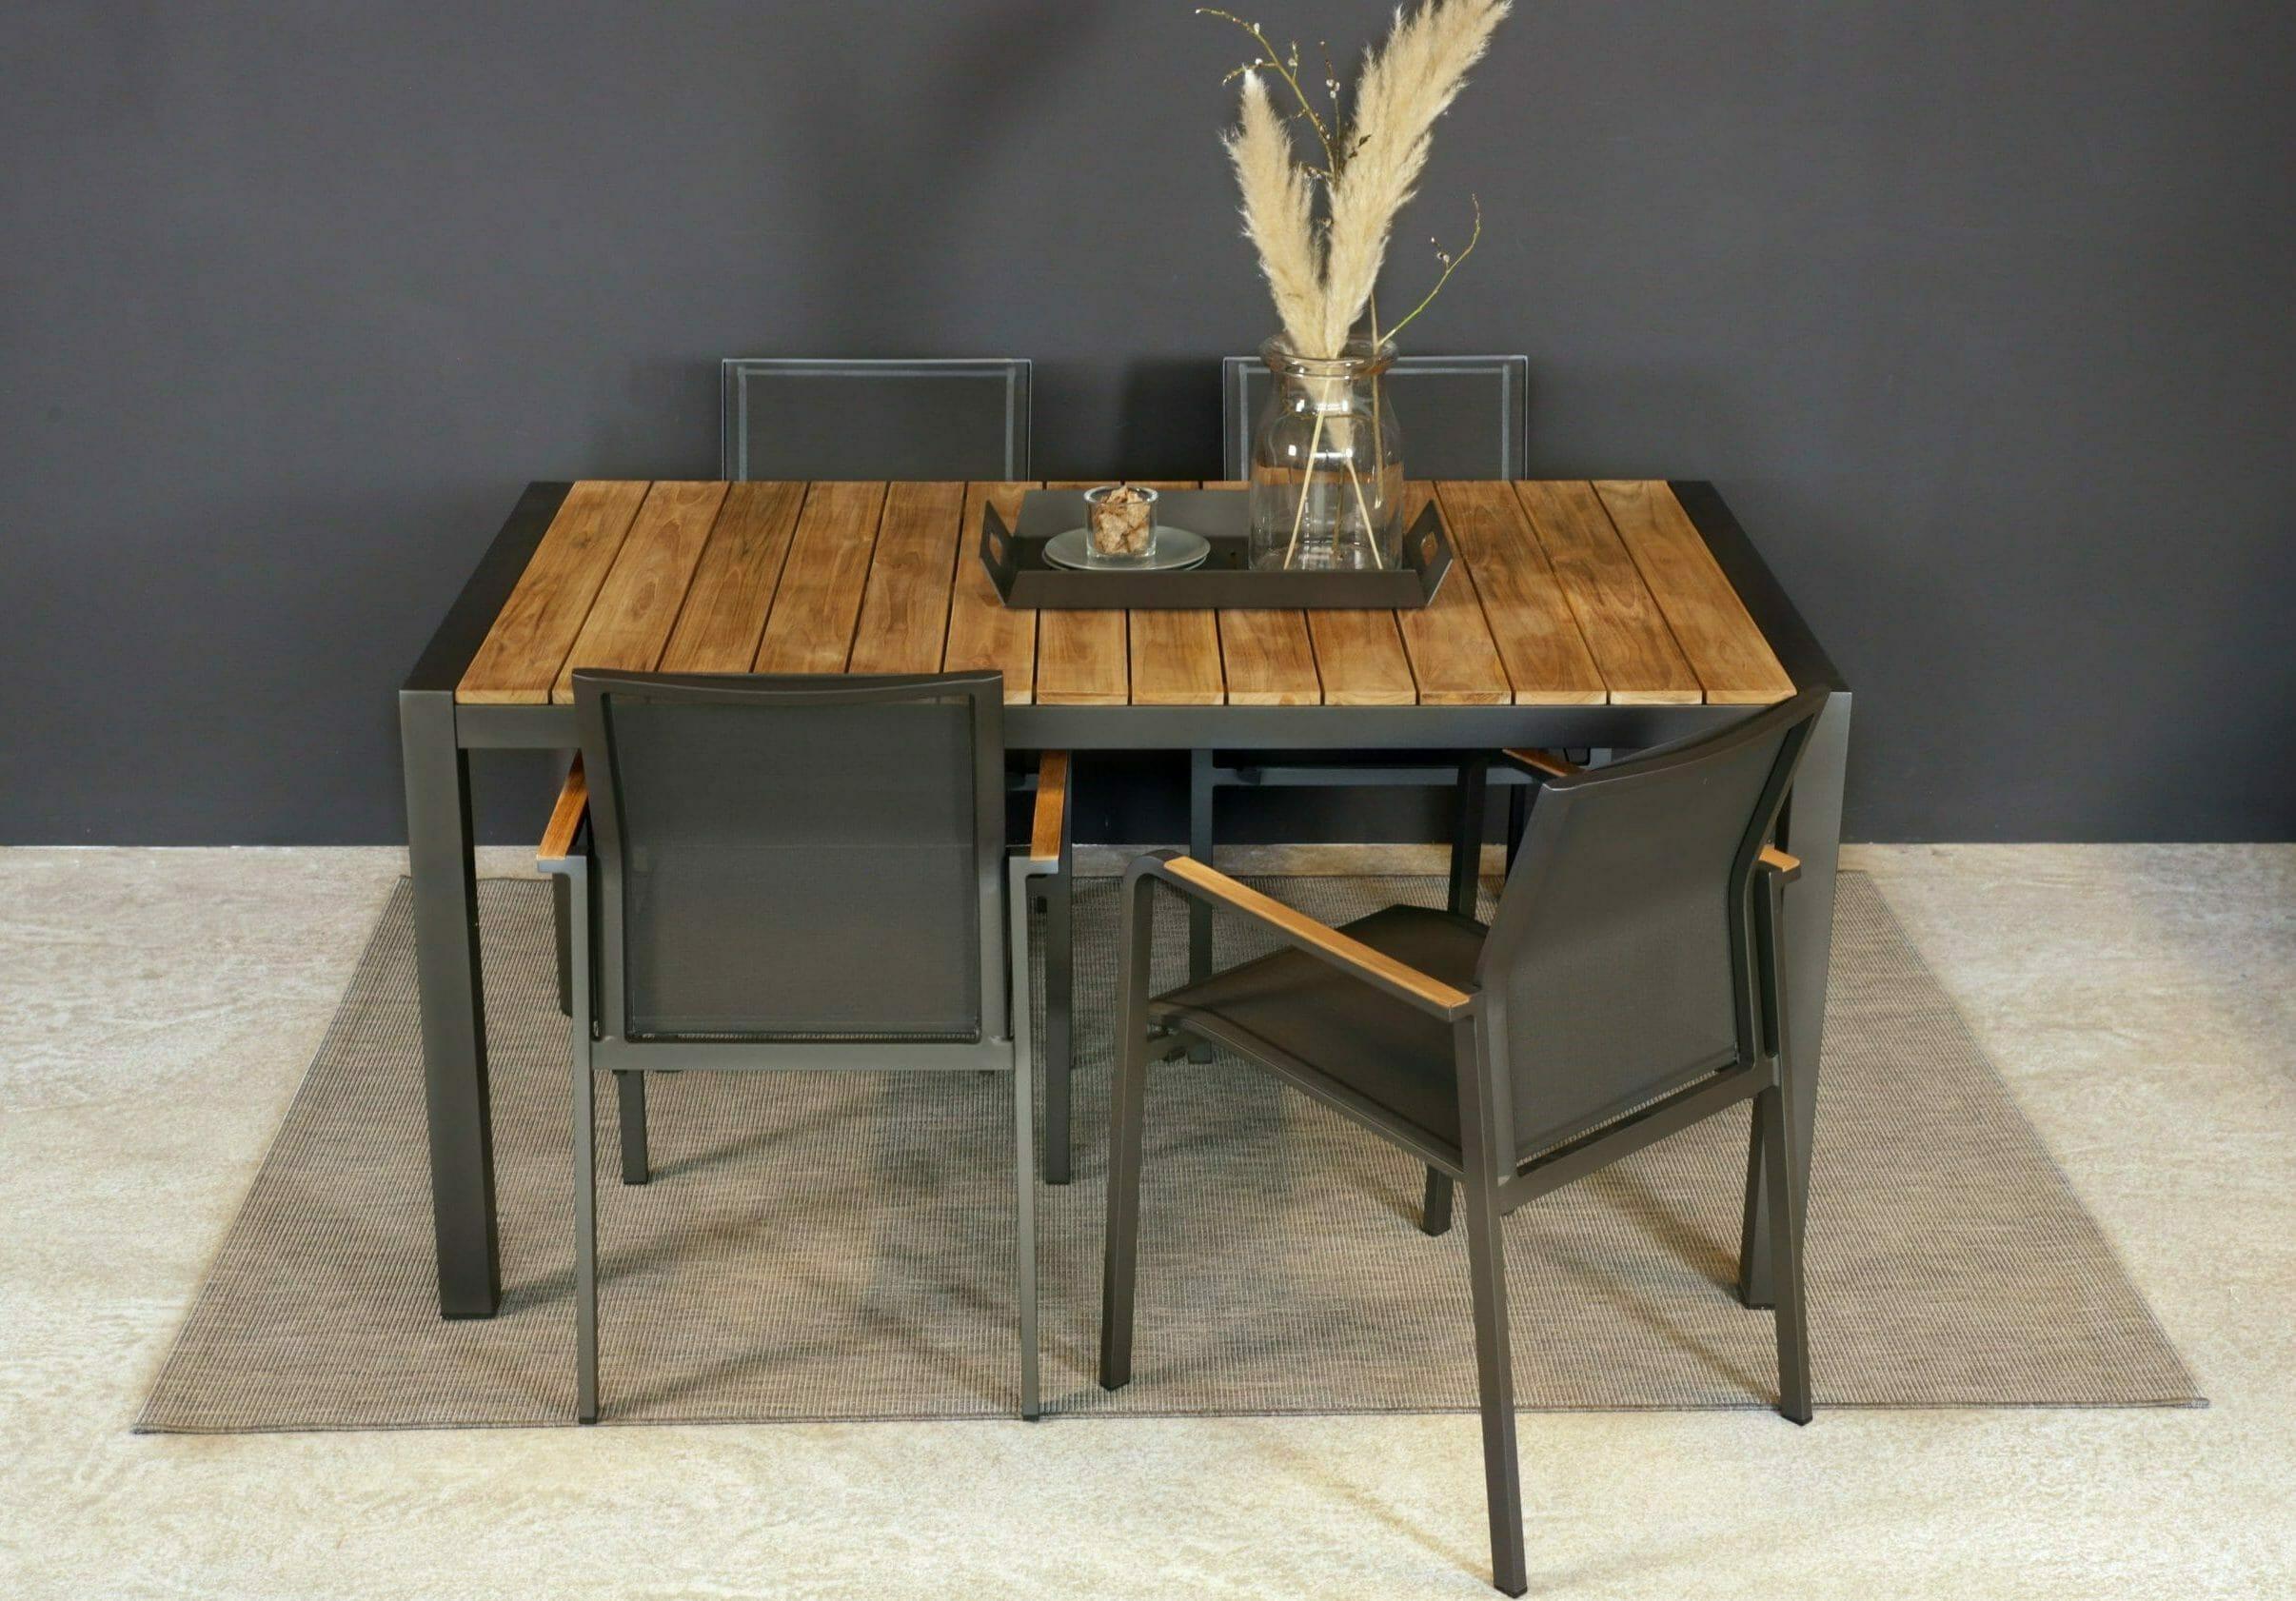 21582 Duke spisebord sort 160 cm miljø ovenfra